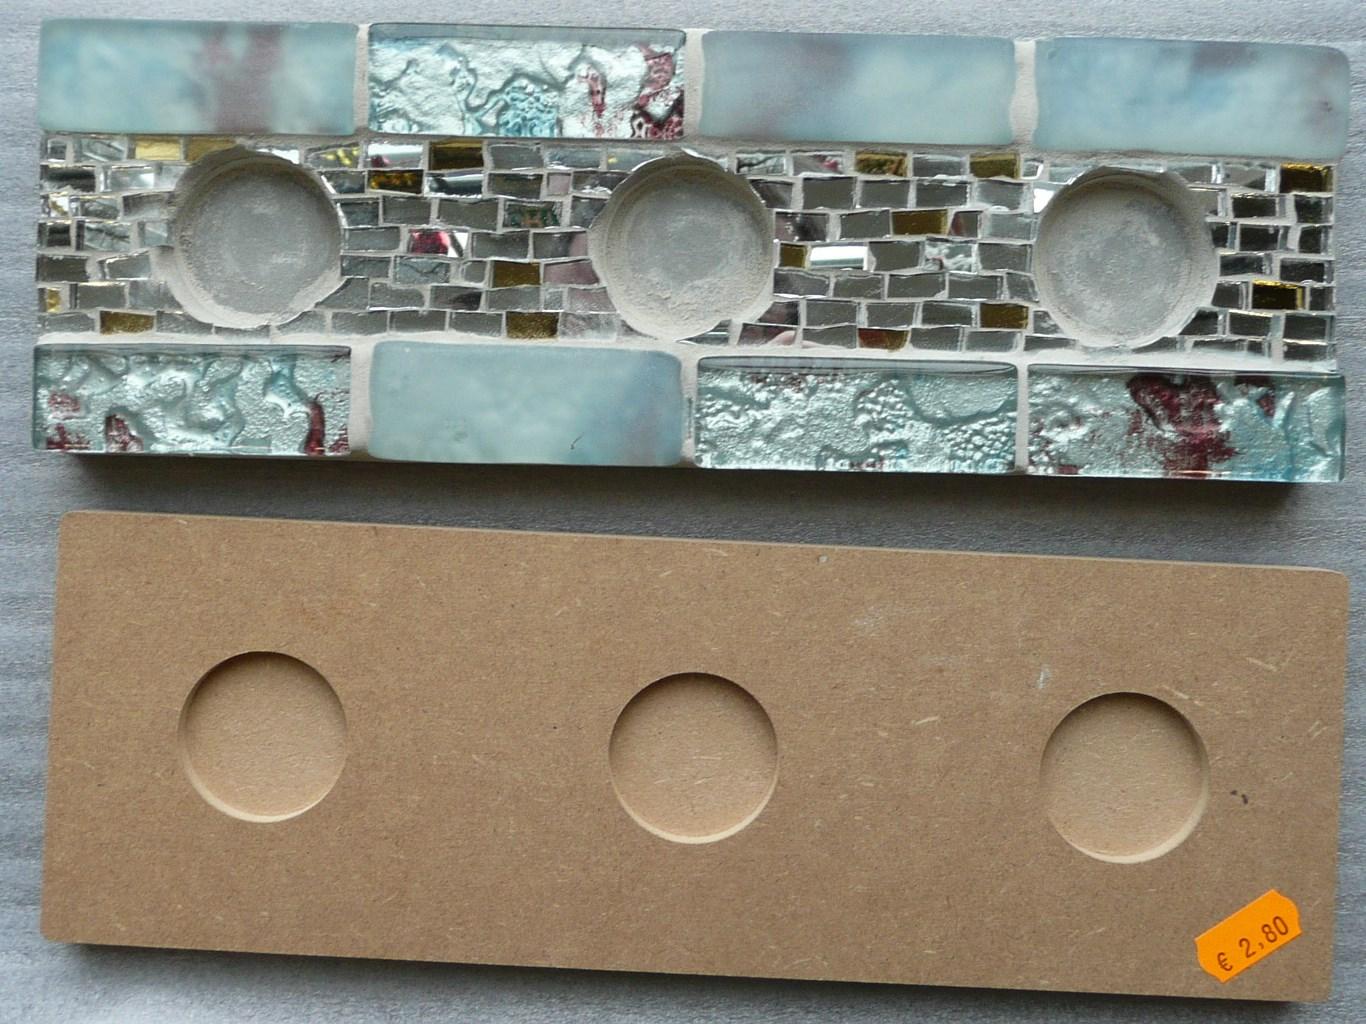 D couvrez les supports loisirs cr atifs et fibre ciment for Boite en bois a decorer pas cher